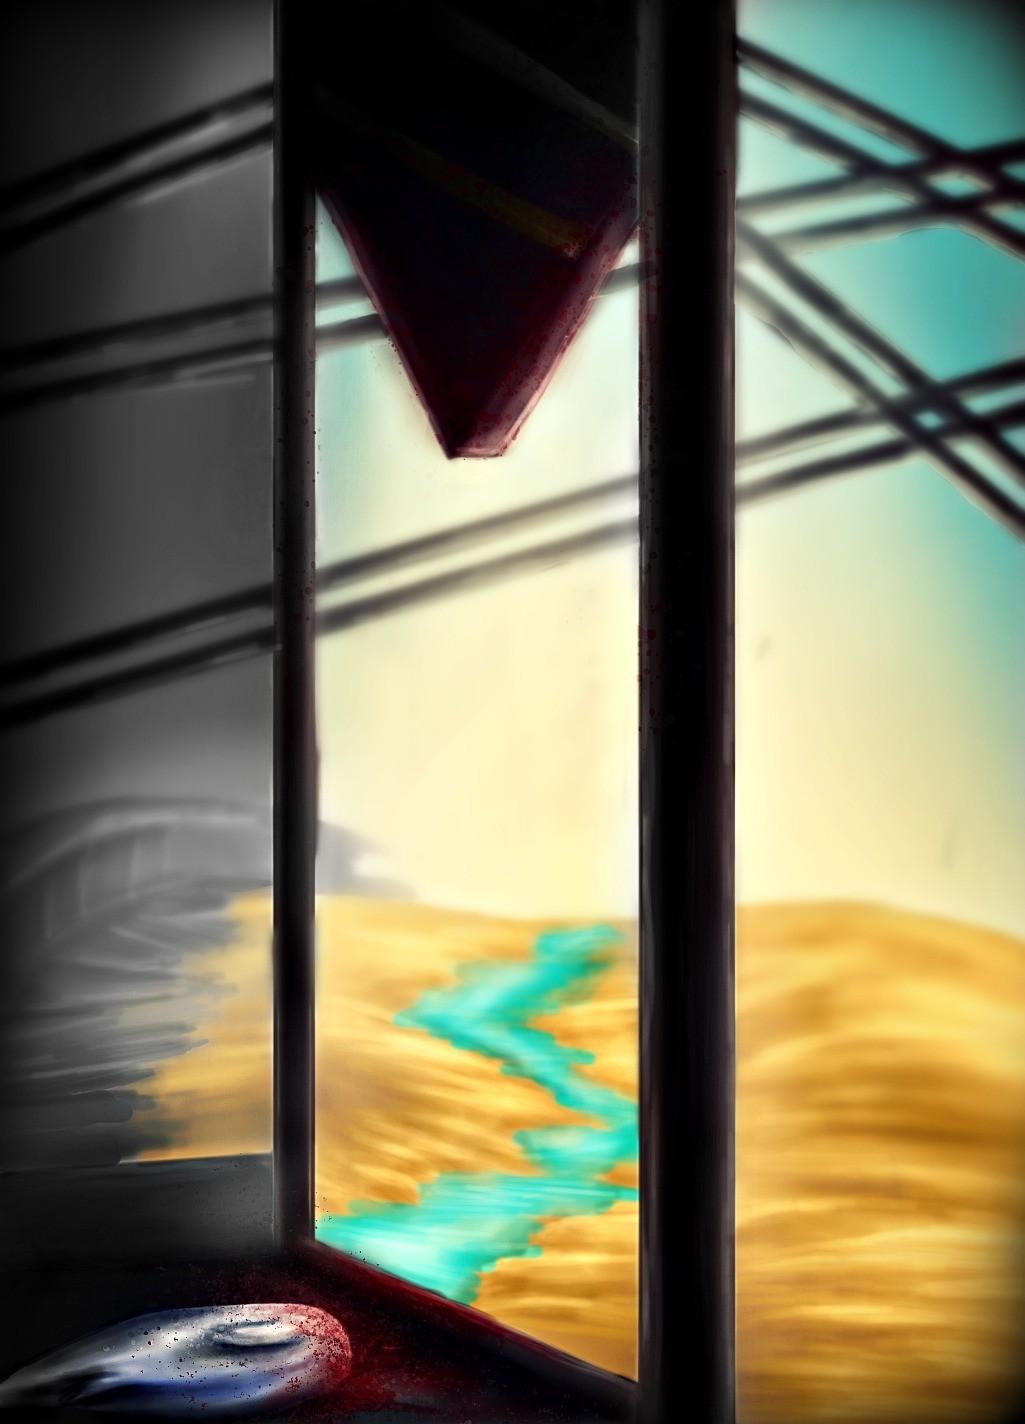 Akai shoku canary